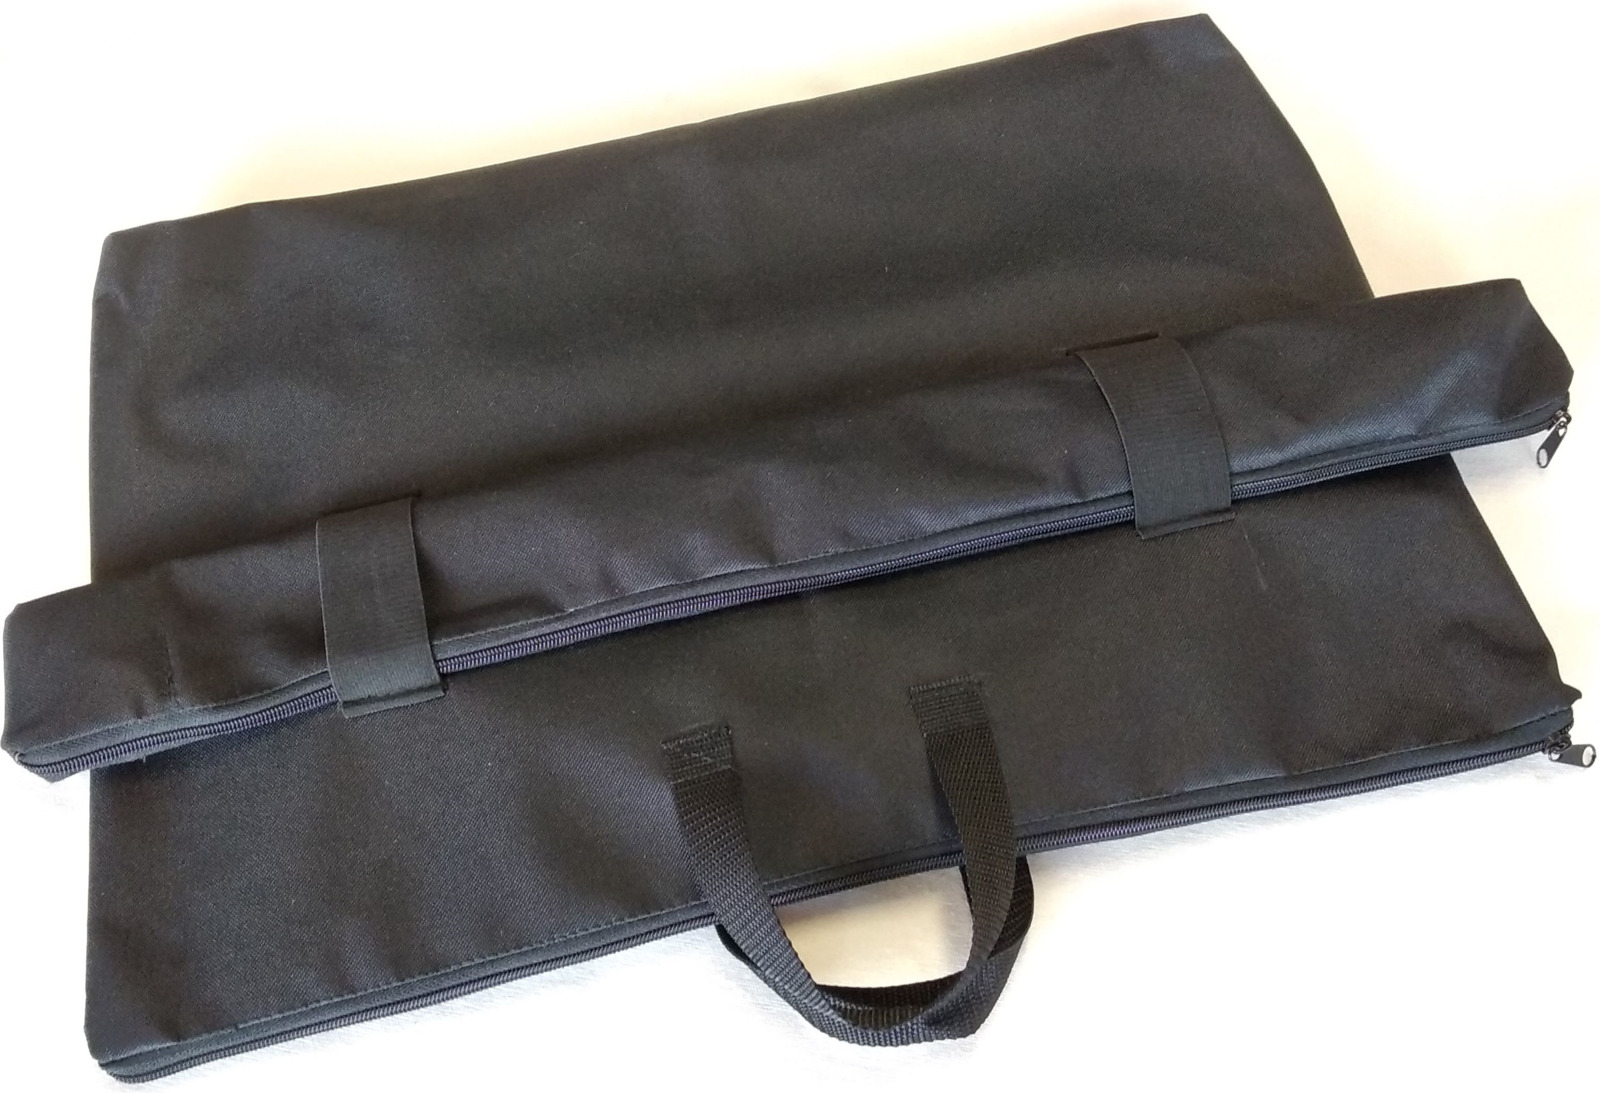 Набор для барбекю Auto Premium, 57604, в сумке, 6 предметов